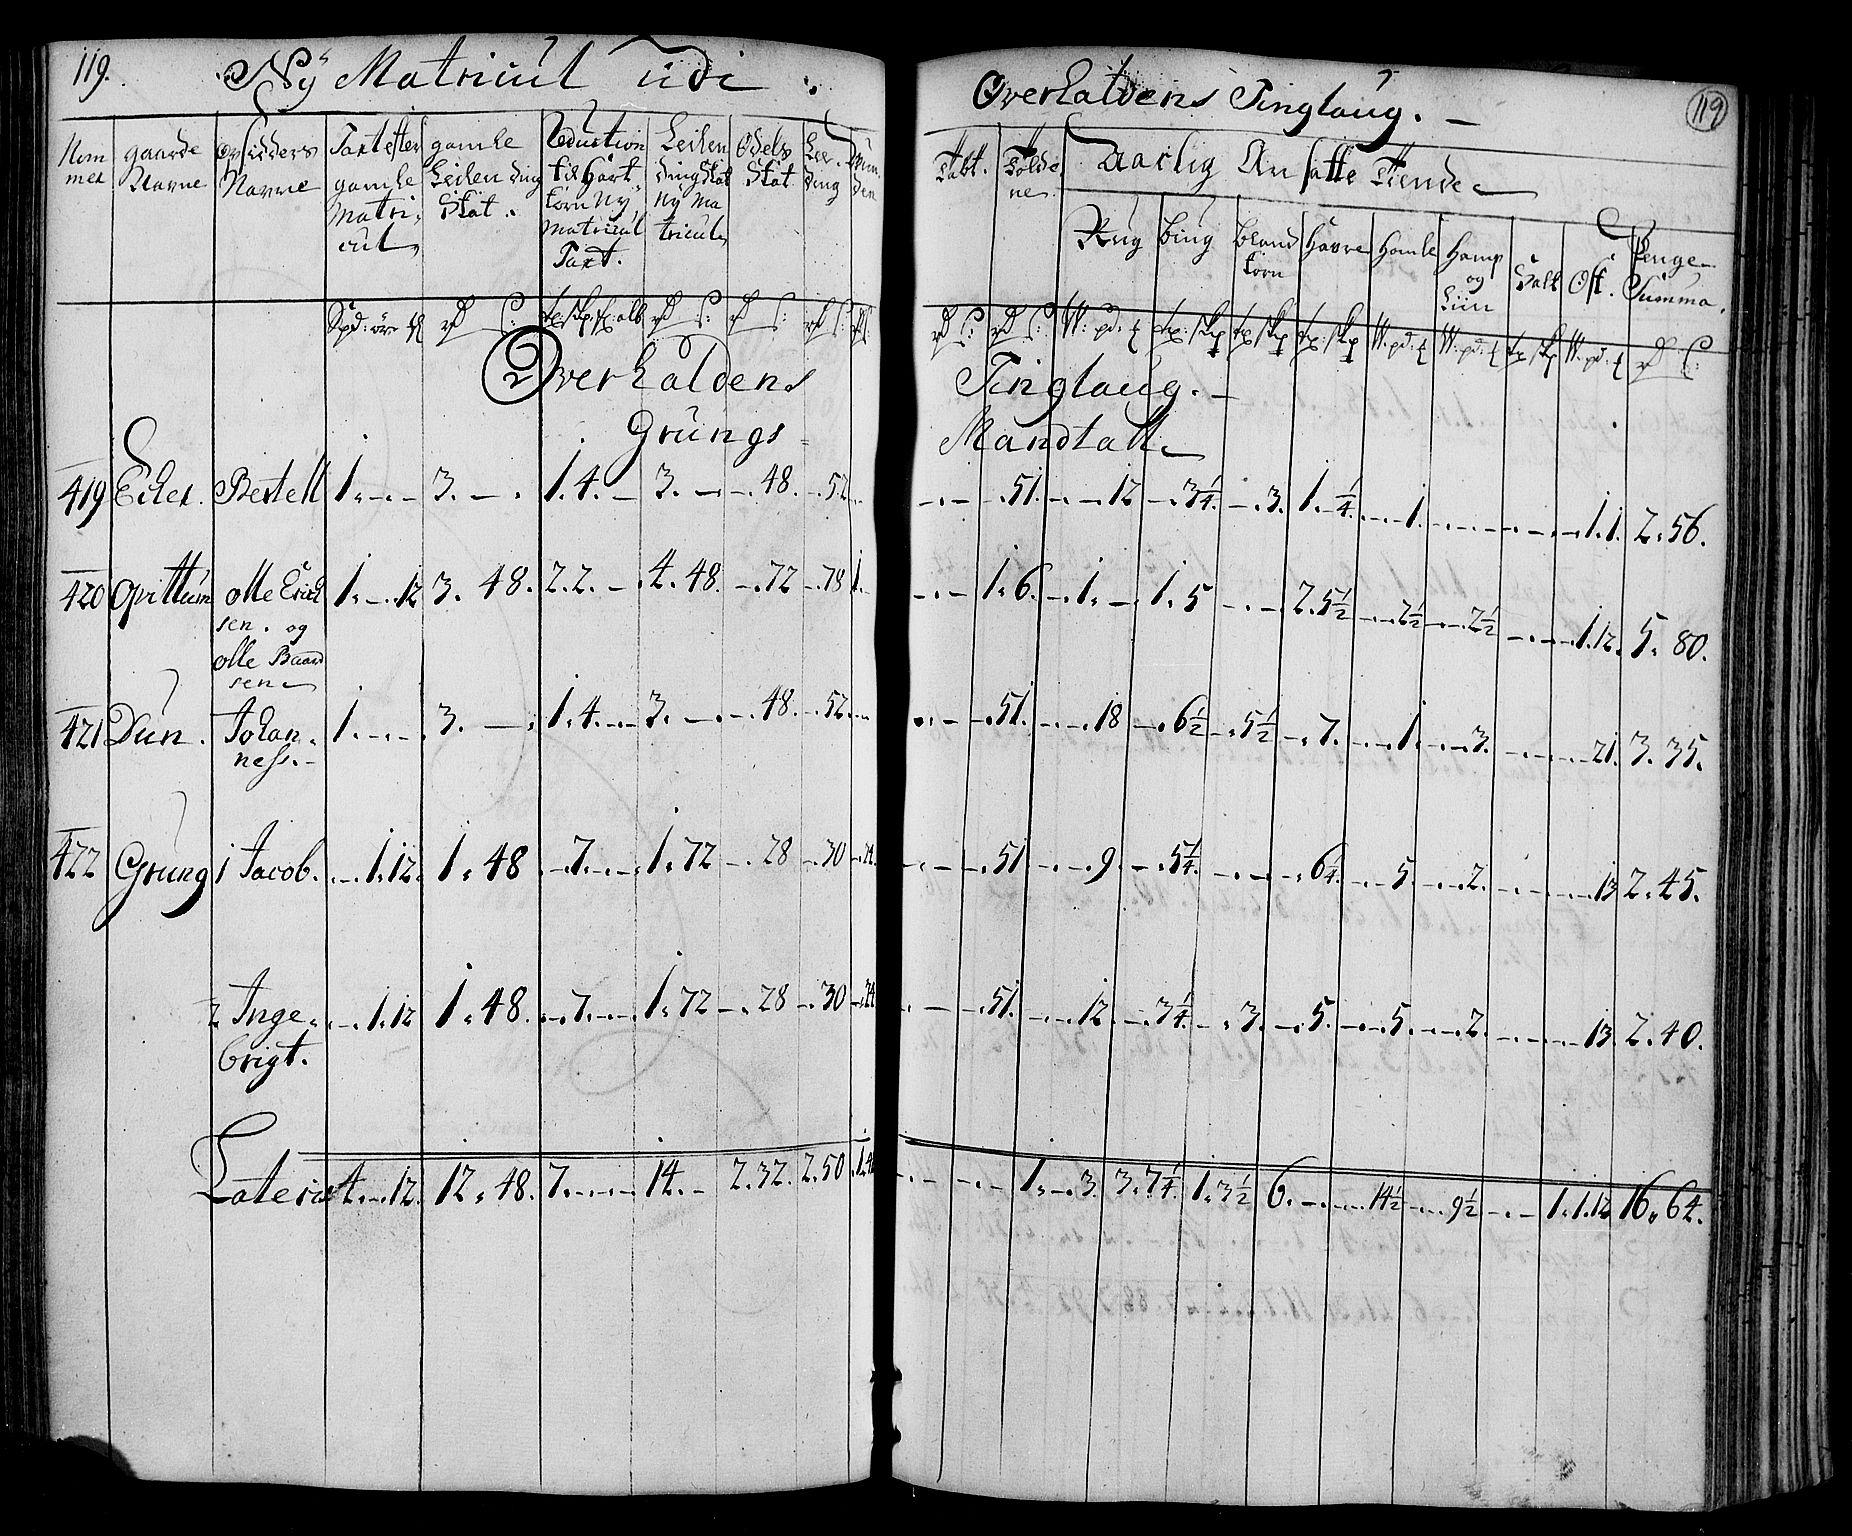 RA, Rentekammeret inntil 1814, Realistisk ordnet avdeling, N/Nb/Nbf/L0169: Namdalen matrikkelprotokoll, 1723, s. 118b-119a